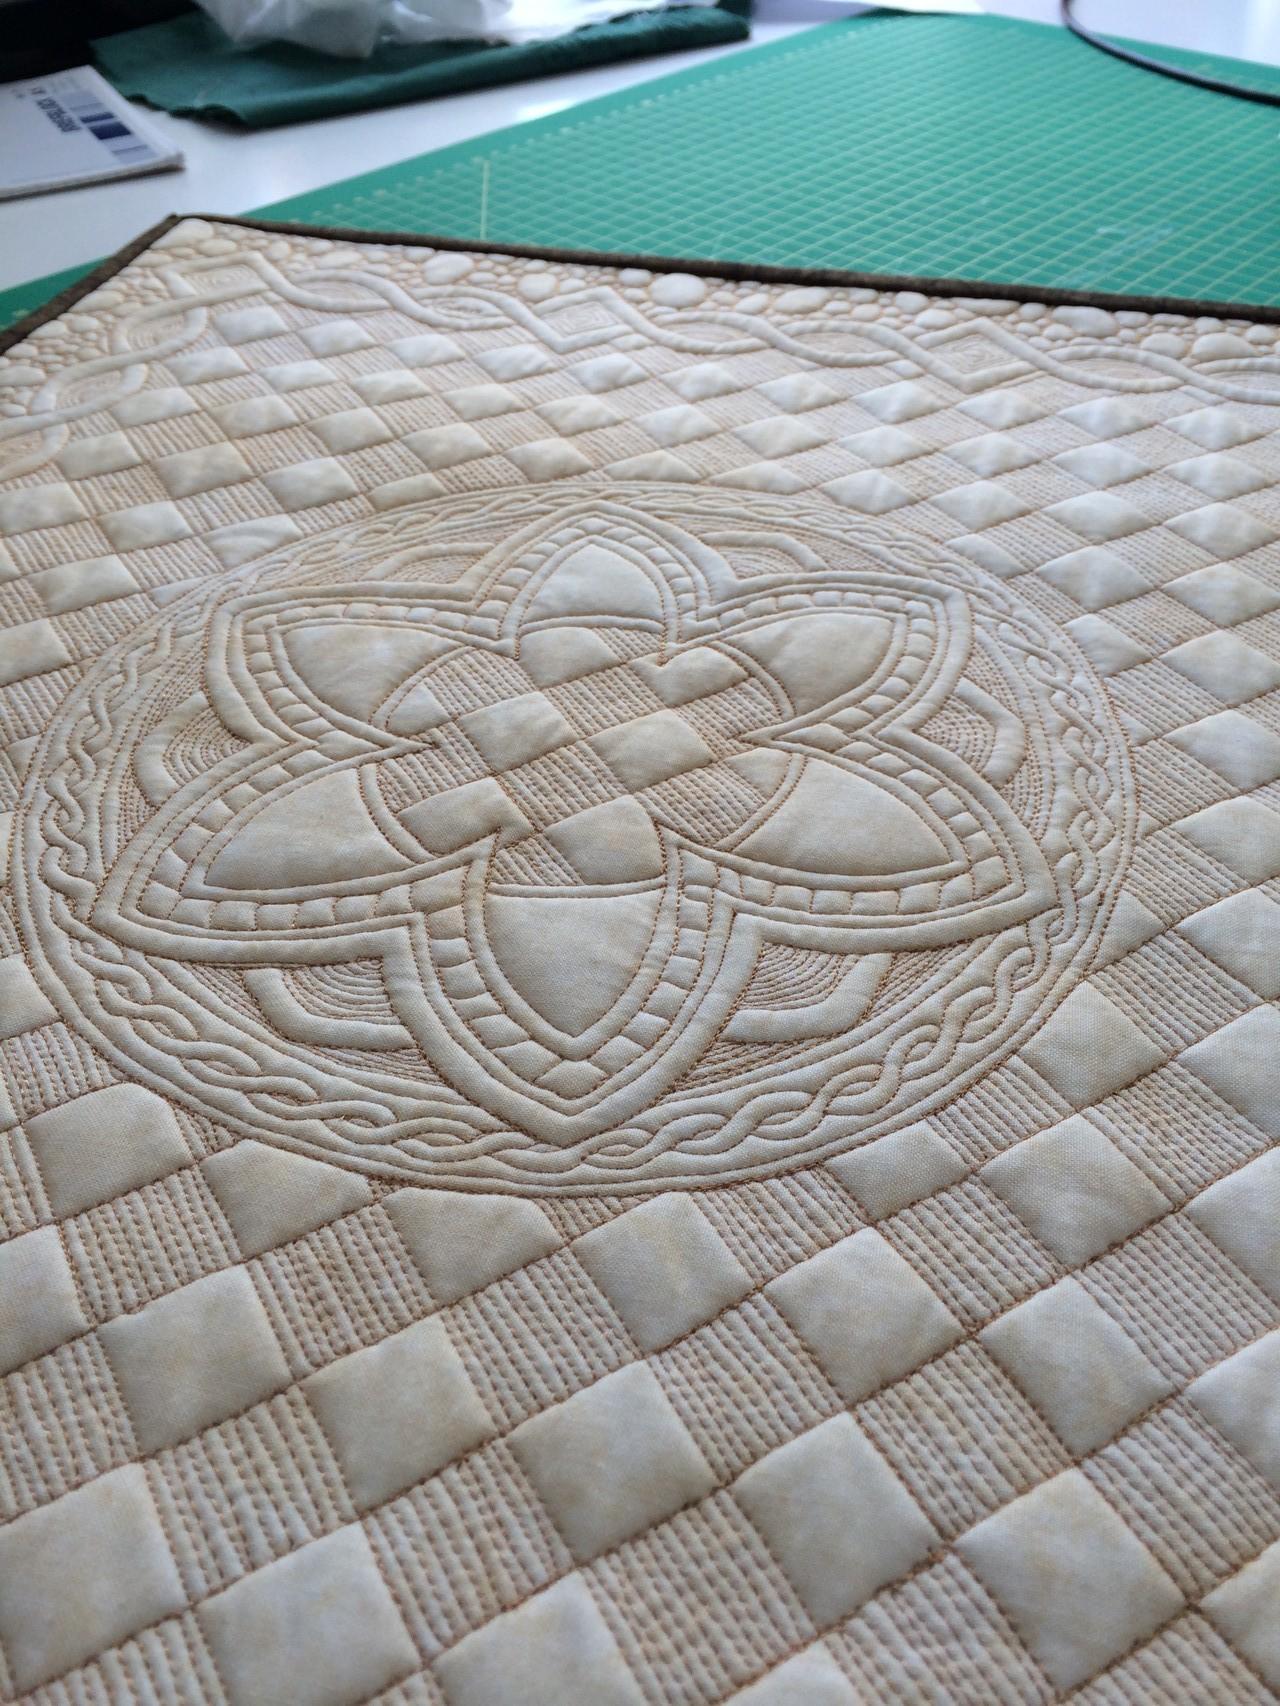 Wholecloth (Ausschitt)